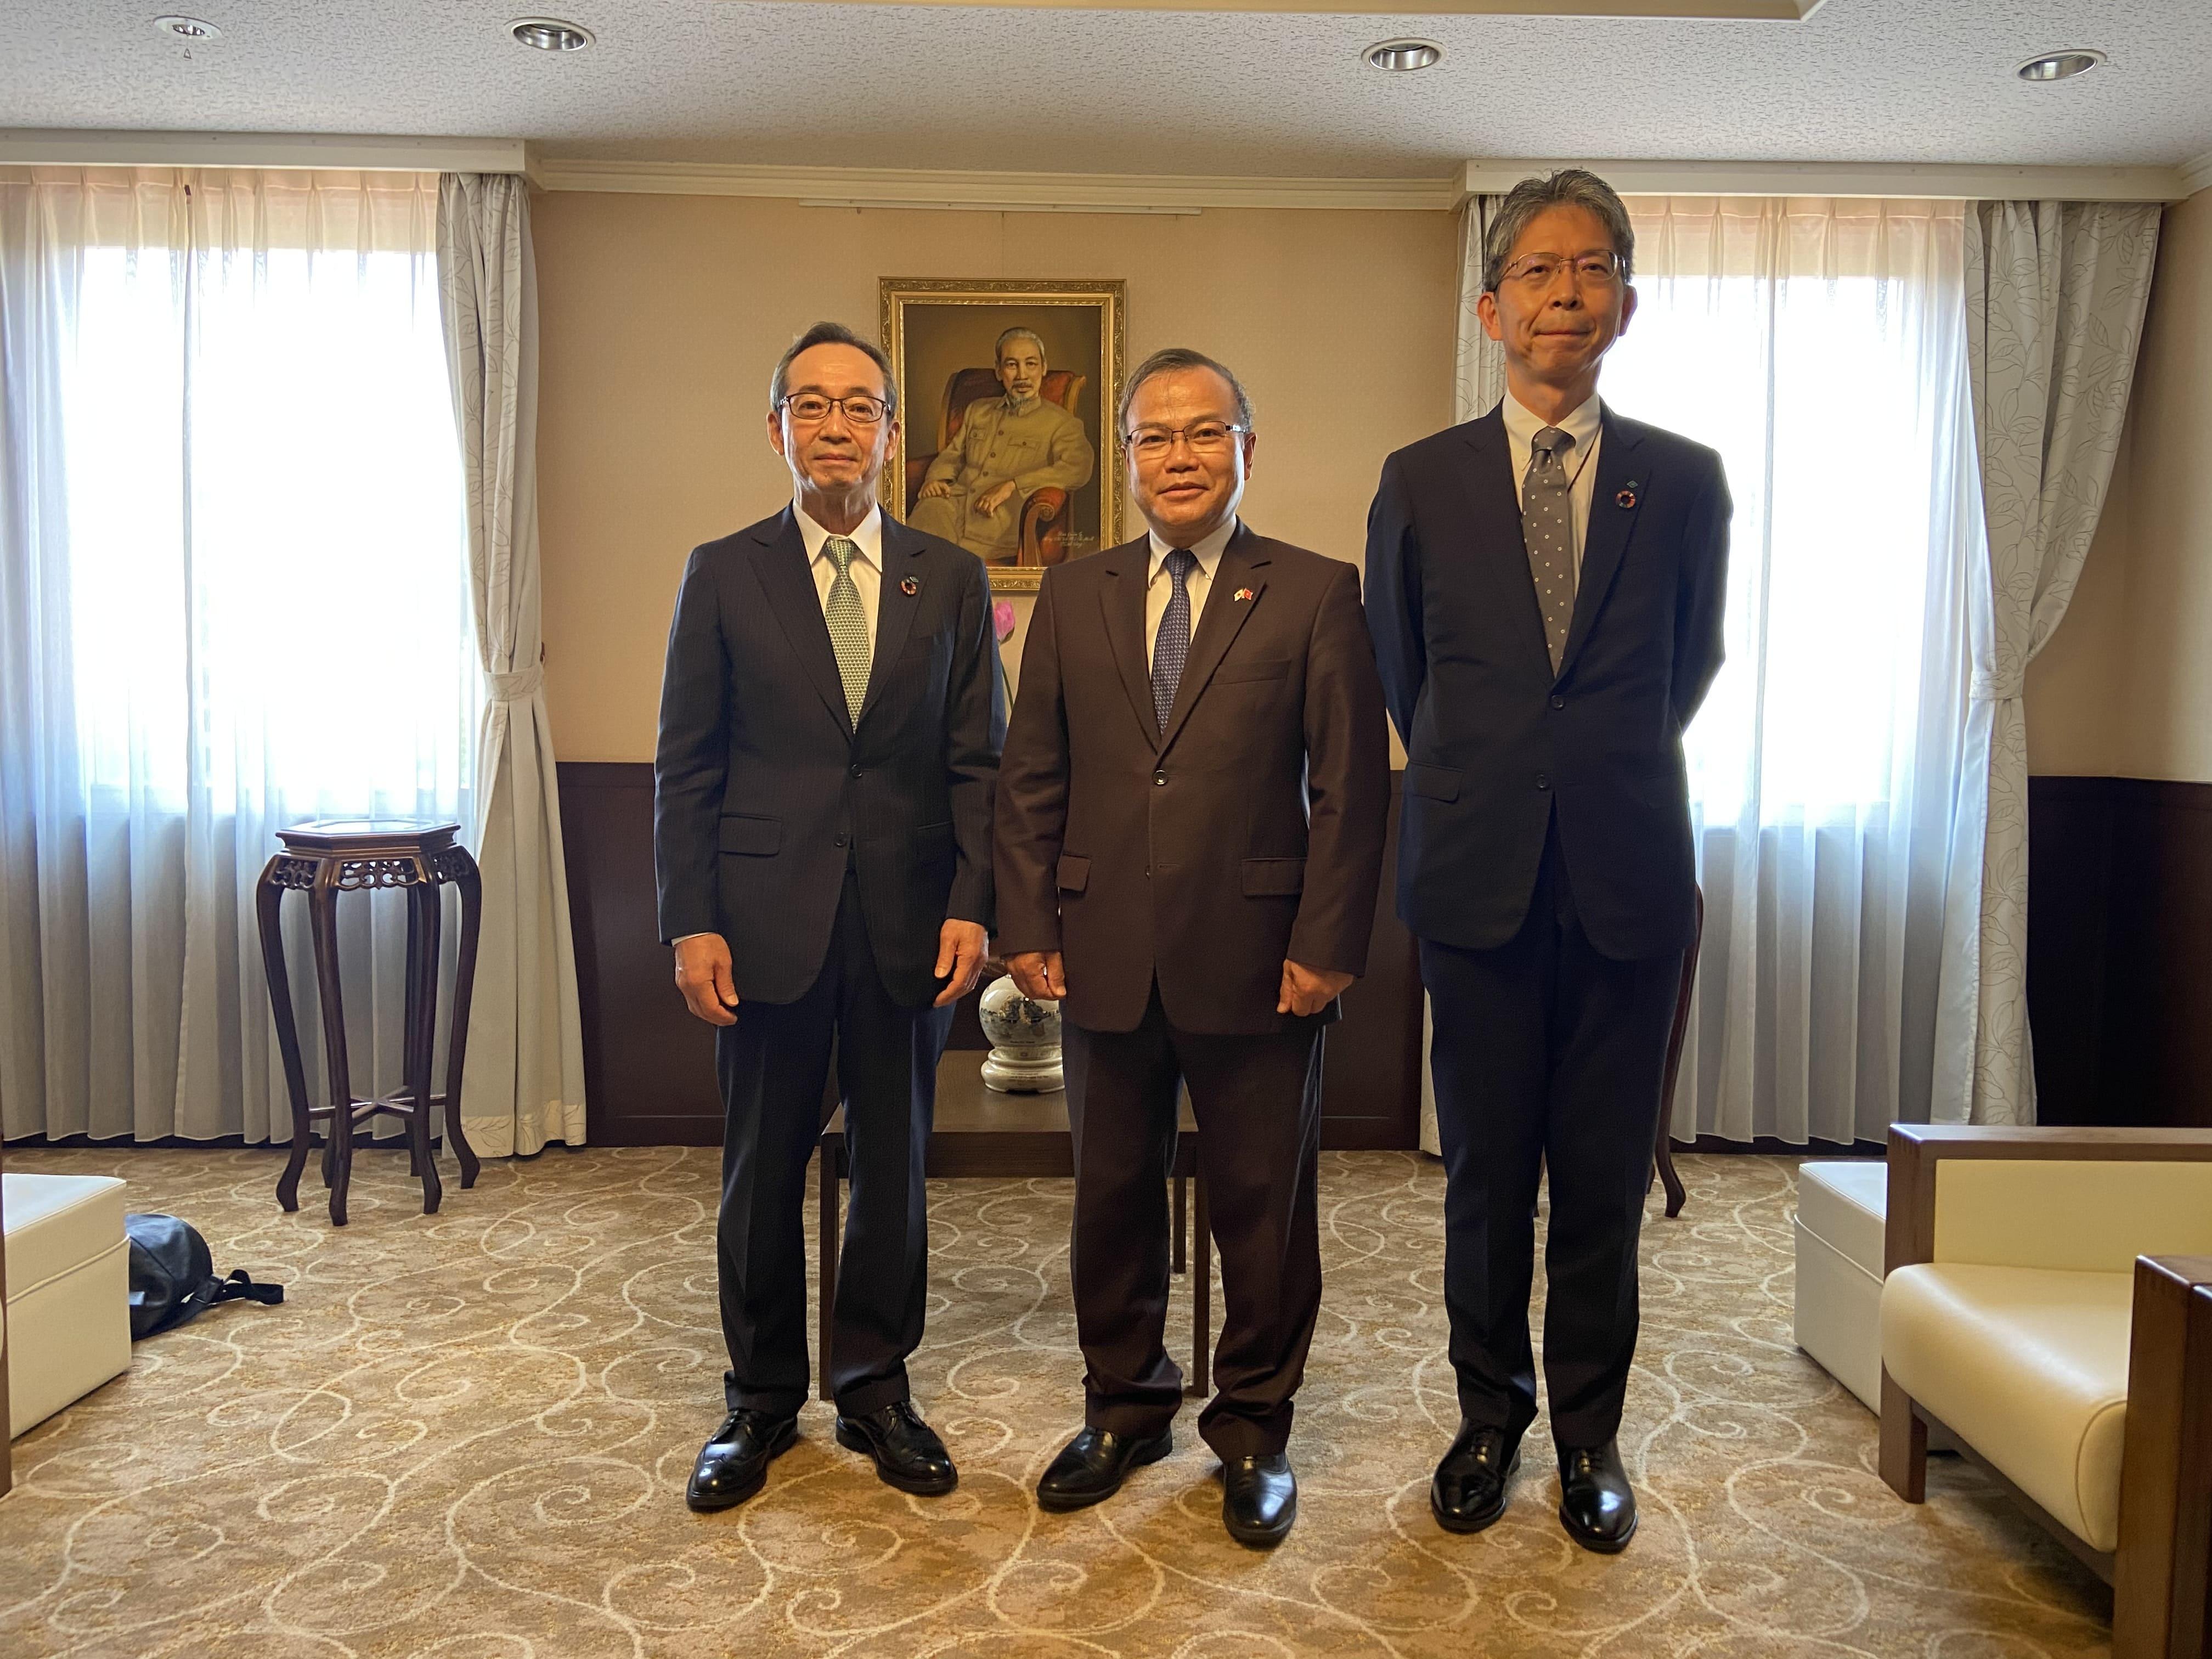 Đại sứ Vũ Hồng Nam tiếp Chủ tịch và Tổng Giám đốc điều hành  Tập đoàn Sumitomo Forestry